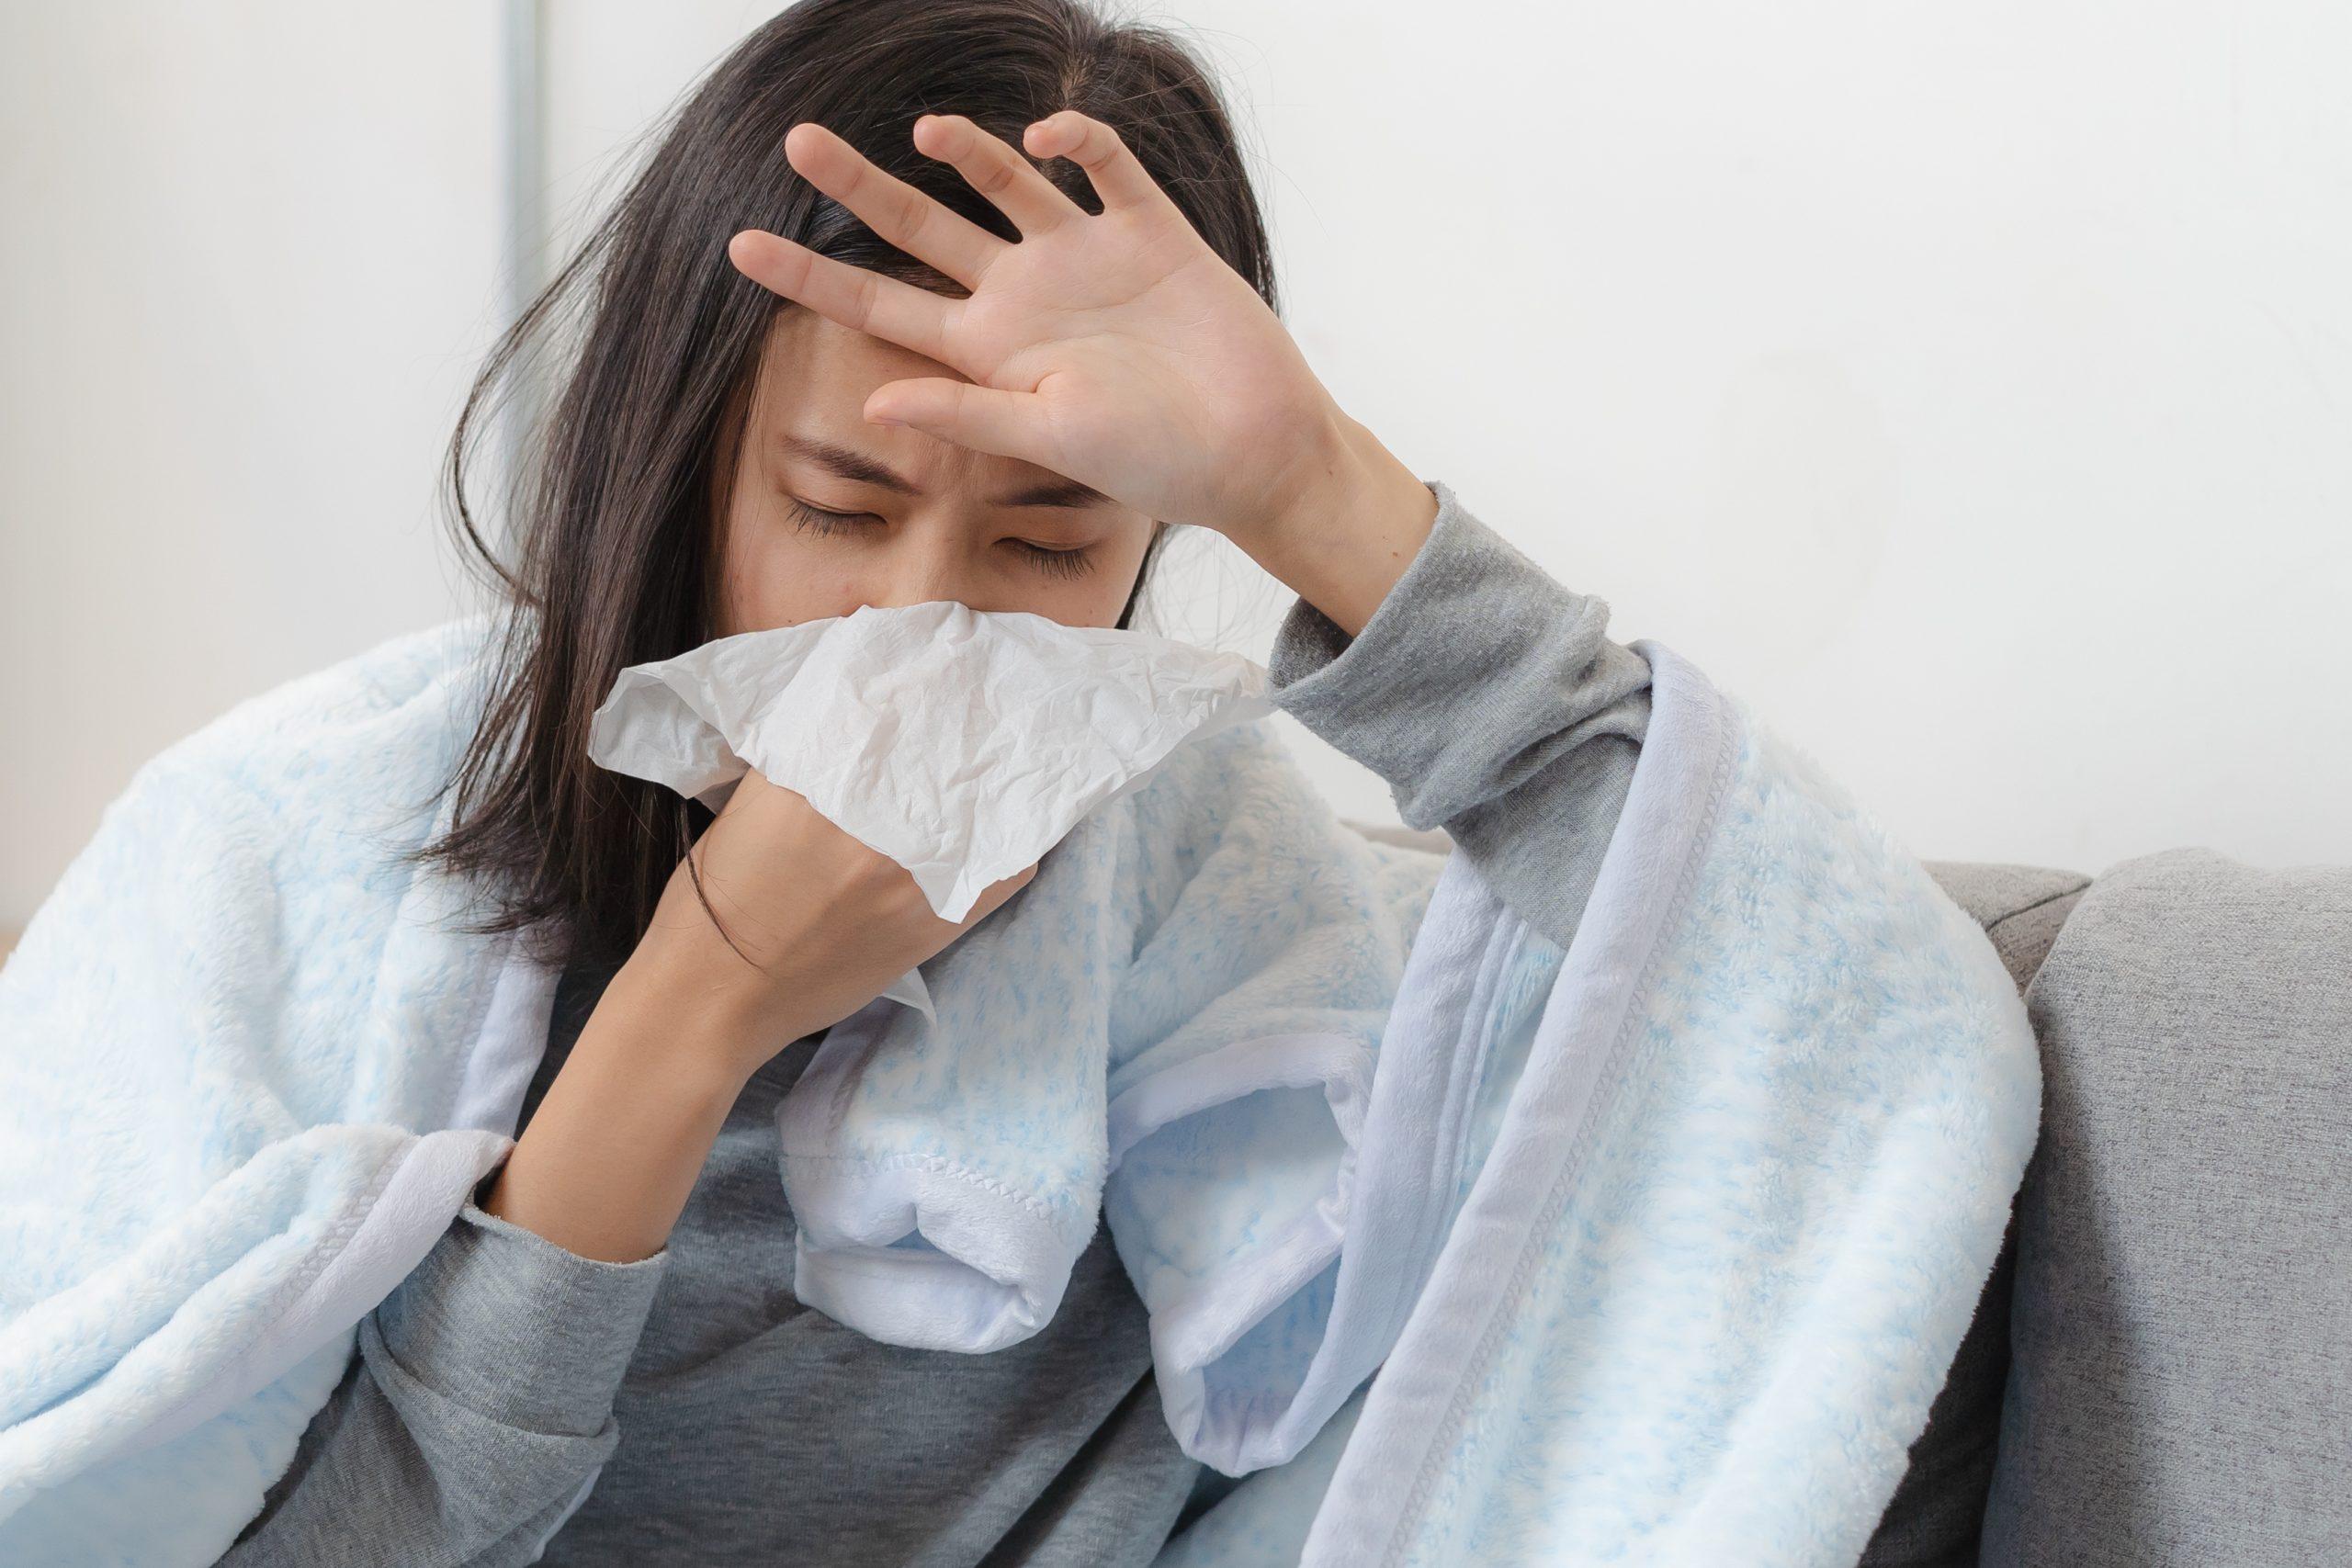 Žena sedí na pohovce, má chřipku.